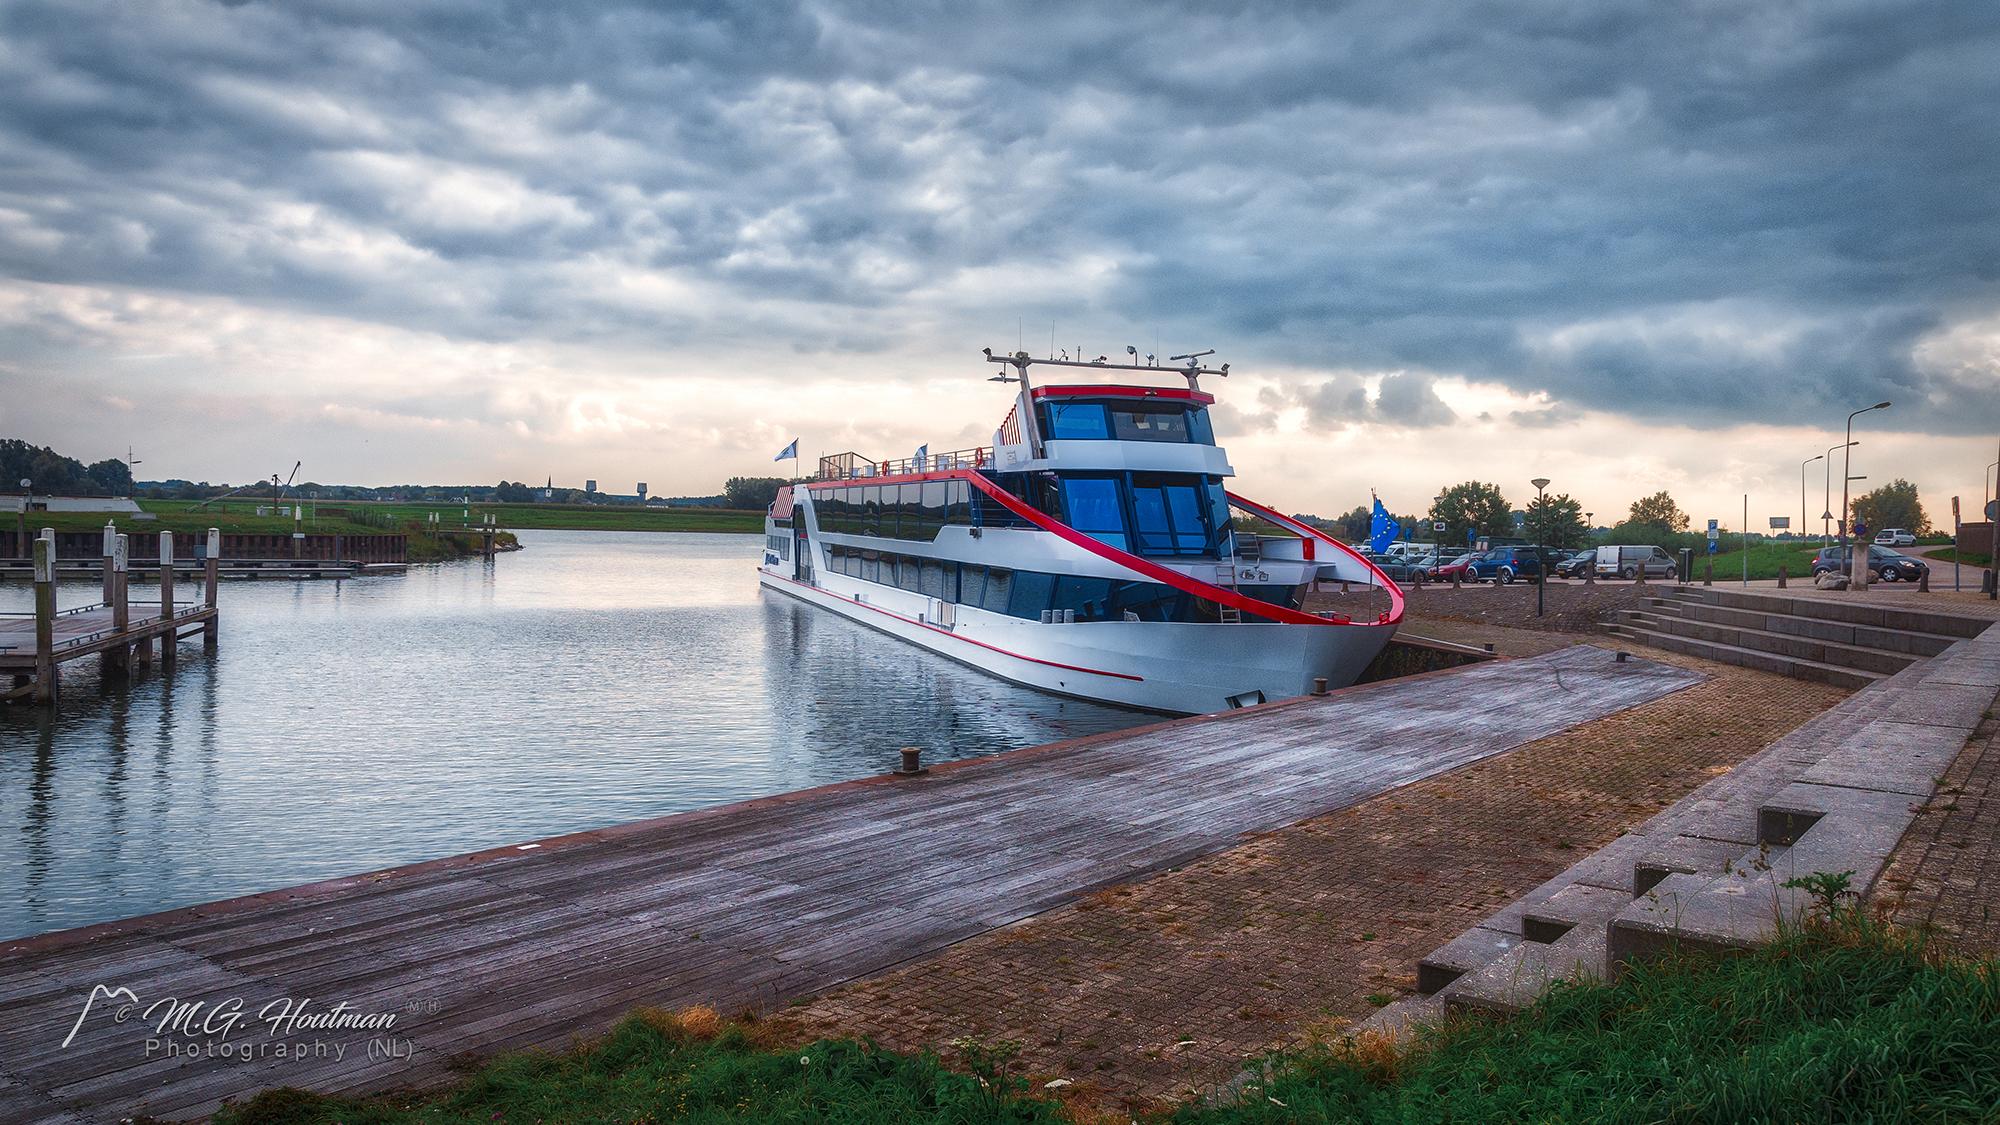 De haven van Wijk